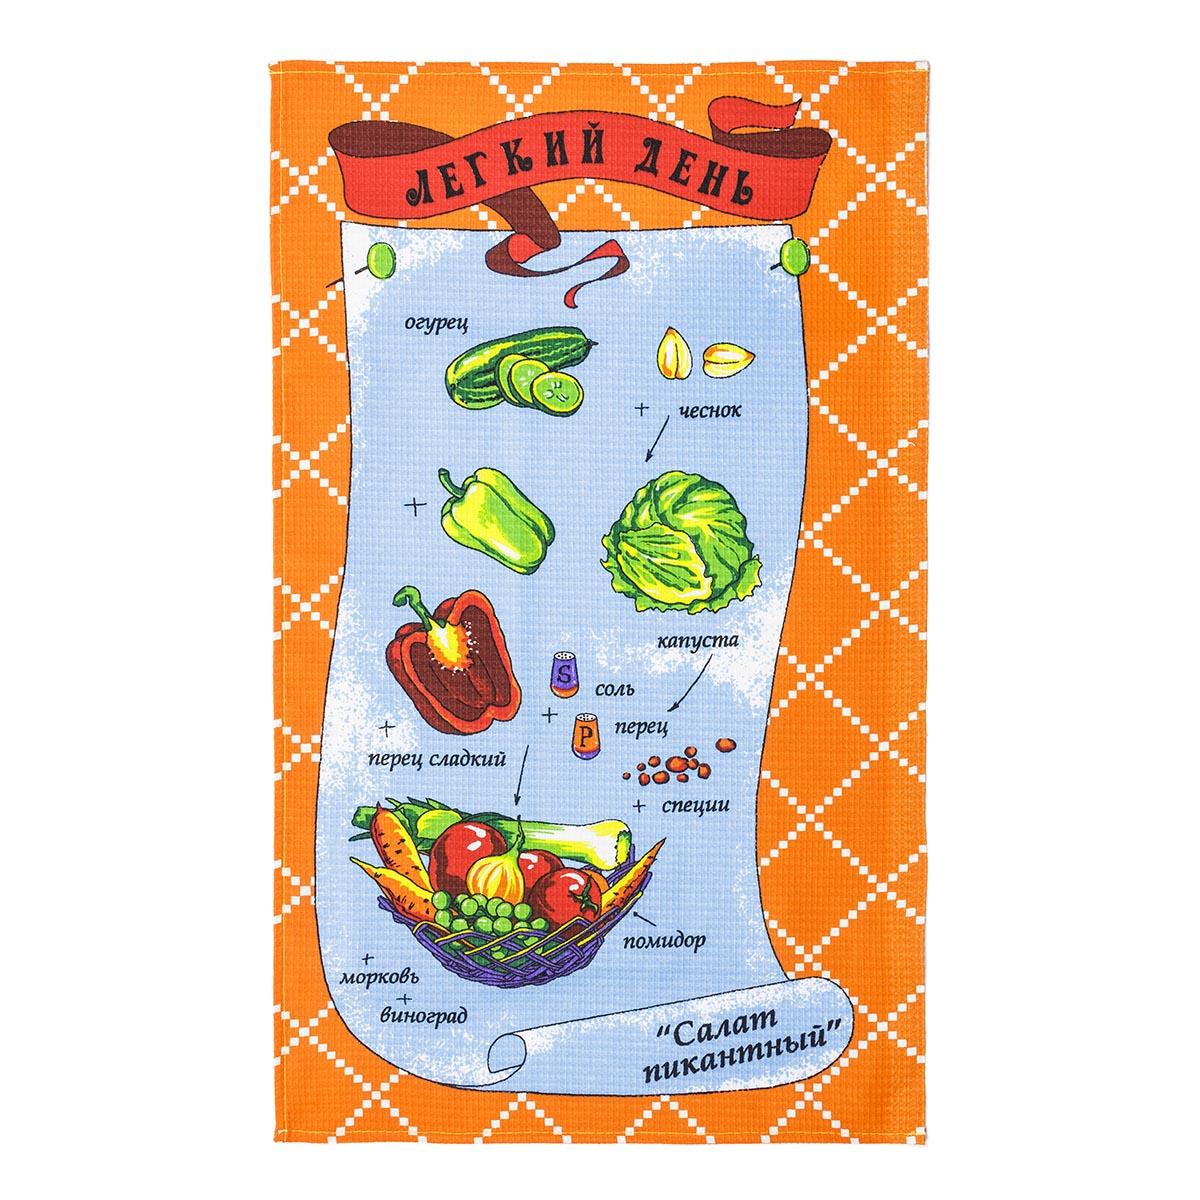 Комплект полотенец Рецепт на каждый день, размер 36х60 см.Вафельные полотенца<br>Полотенце:35х60 см - 8 шт.<br><br>Тип: Вафельное полотенце<br>Размер: -<br>Материал: Вафельное полотно